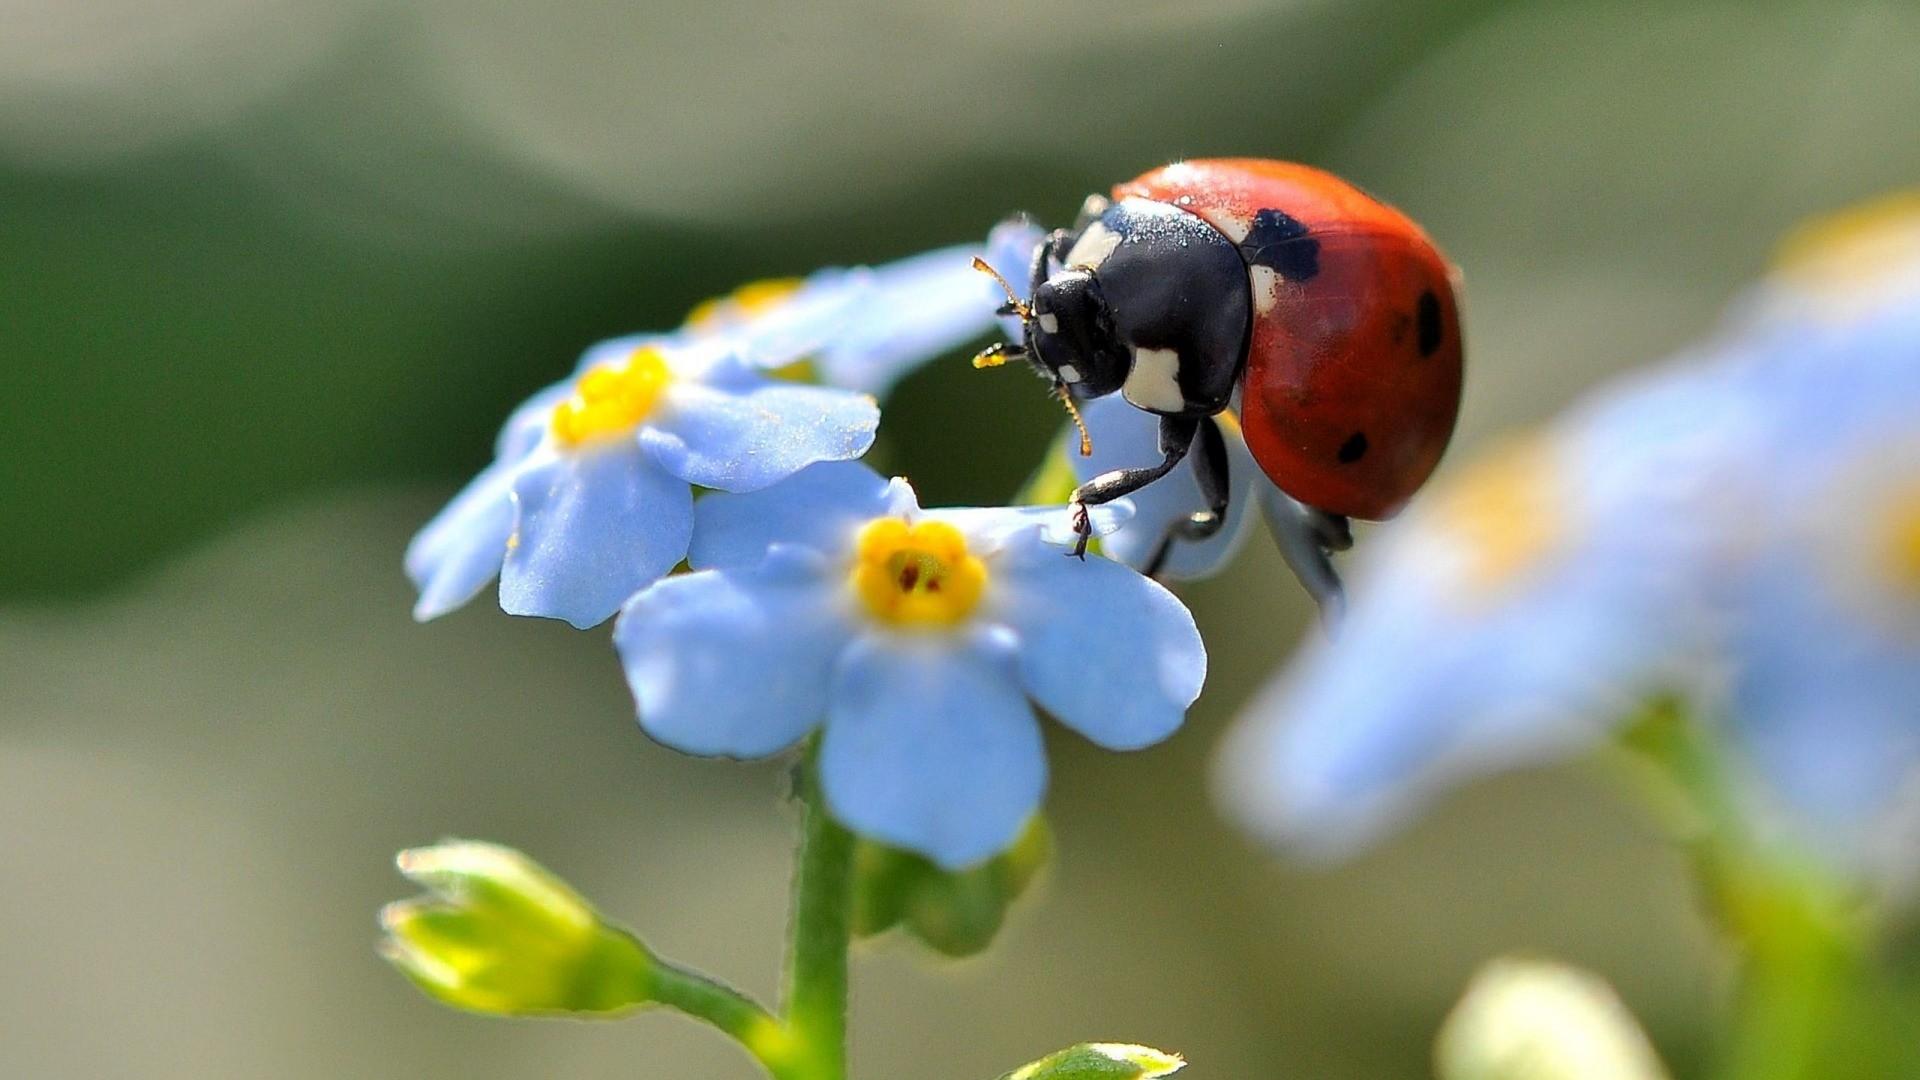 Hintergrundbilder Blaue Blume: Hintergrundbilder : Blumen, Natur, Fotografie, Ast, Insekt